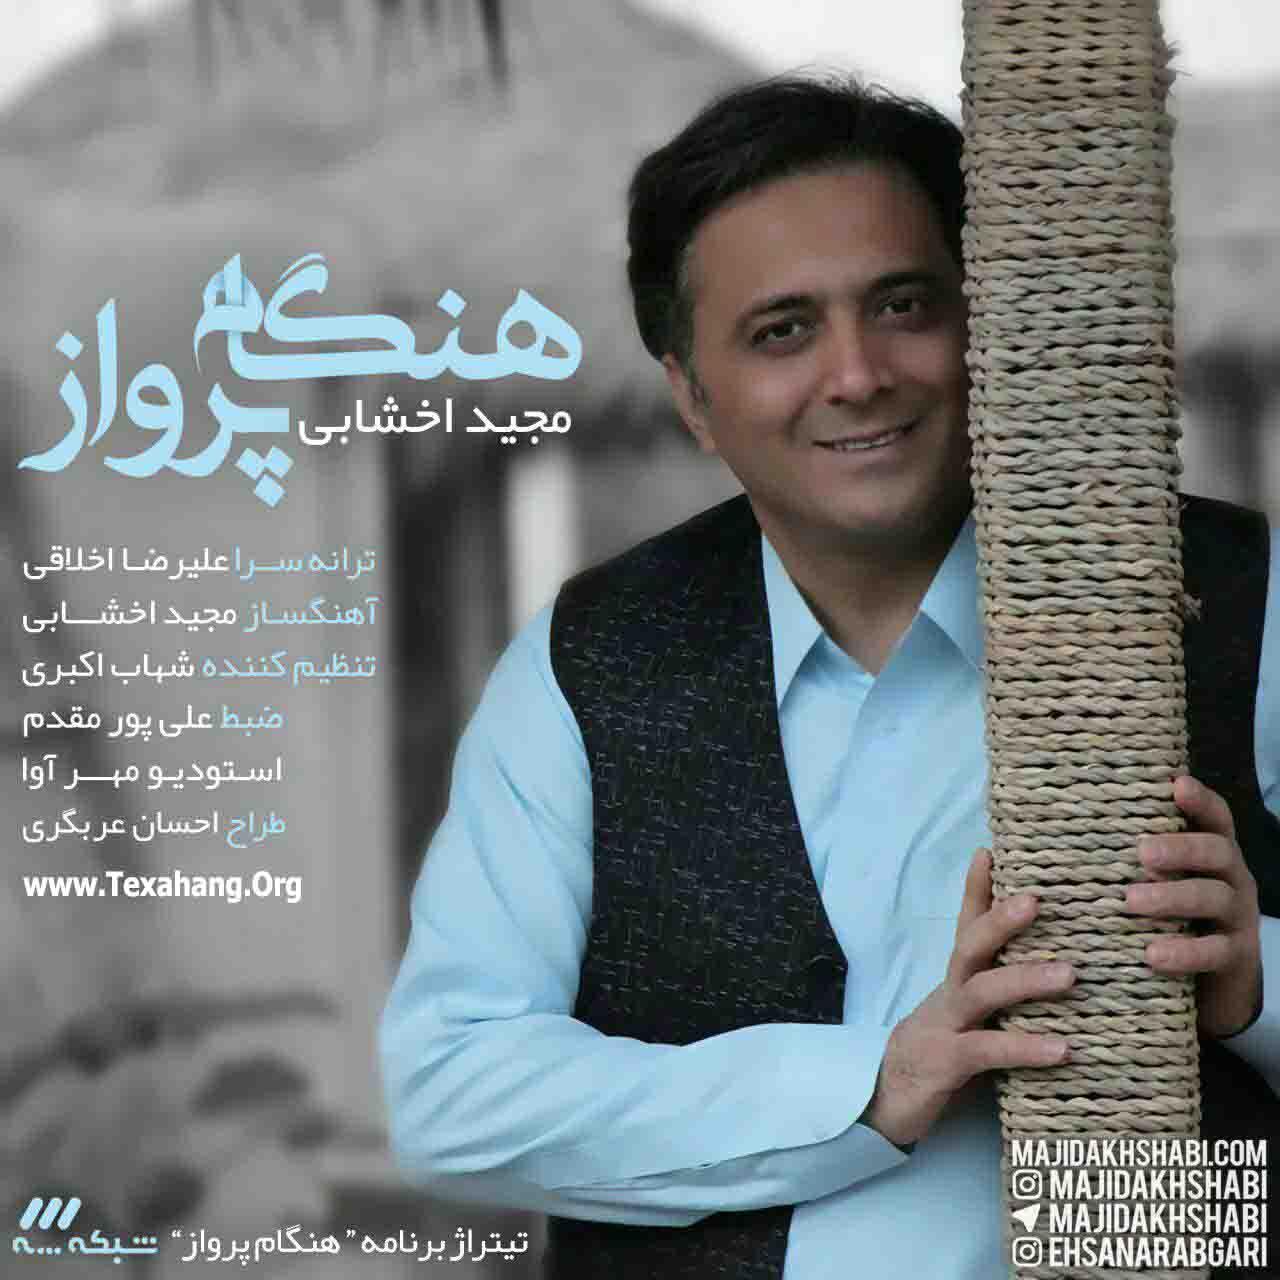 متن آهنگ جدید هنگام پرواز از مجید اخشابی